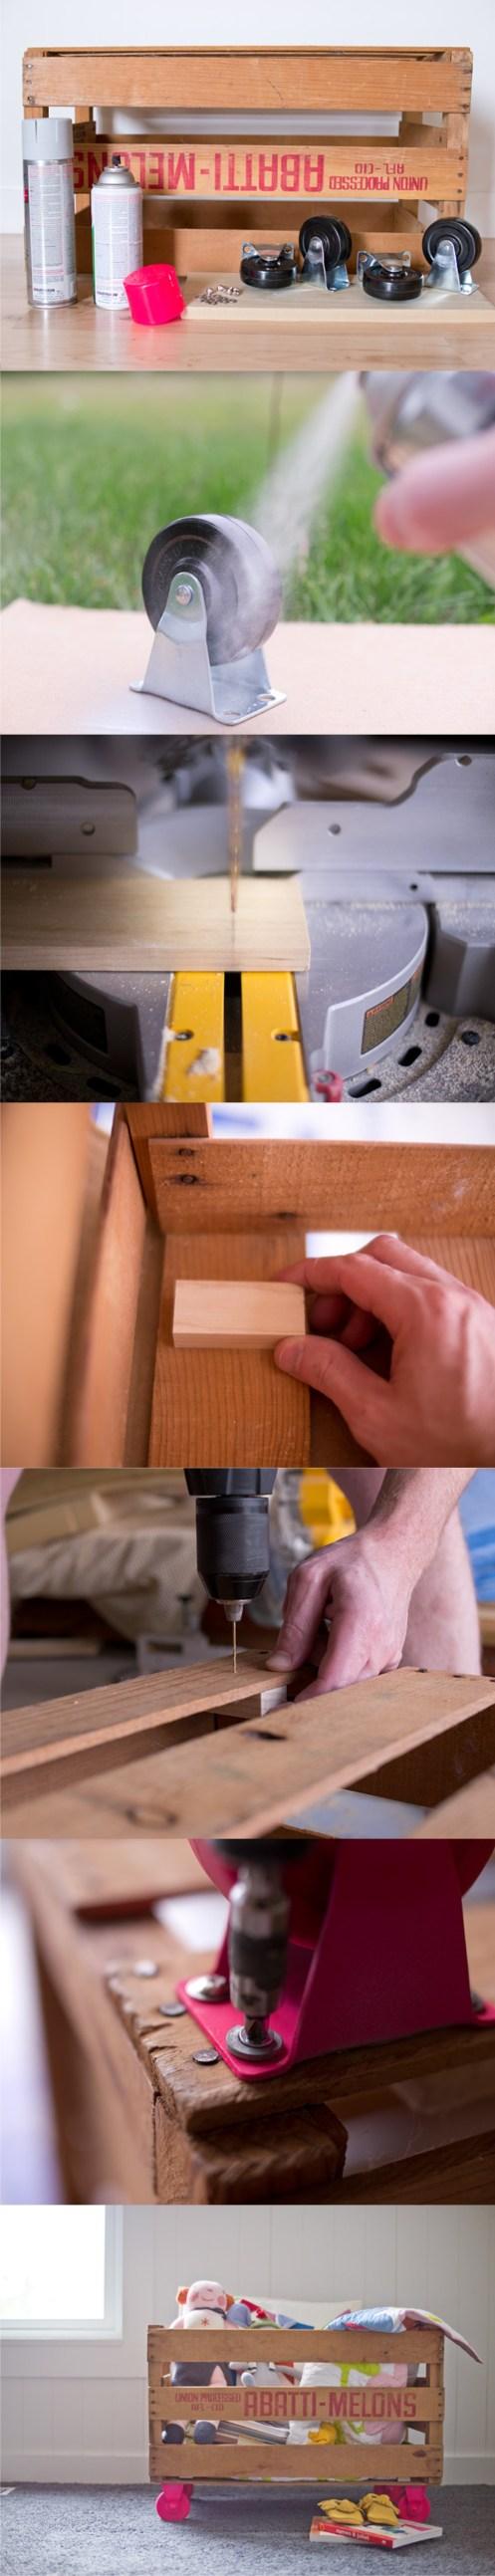 Diy μοντέρνο κουτί αποθήκευσης για το παιδικό από καφάσια1